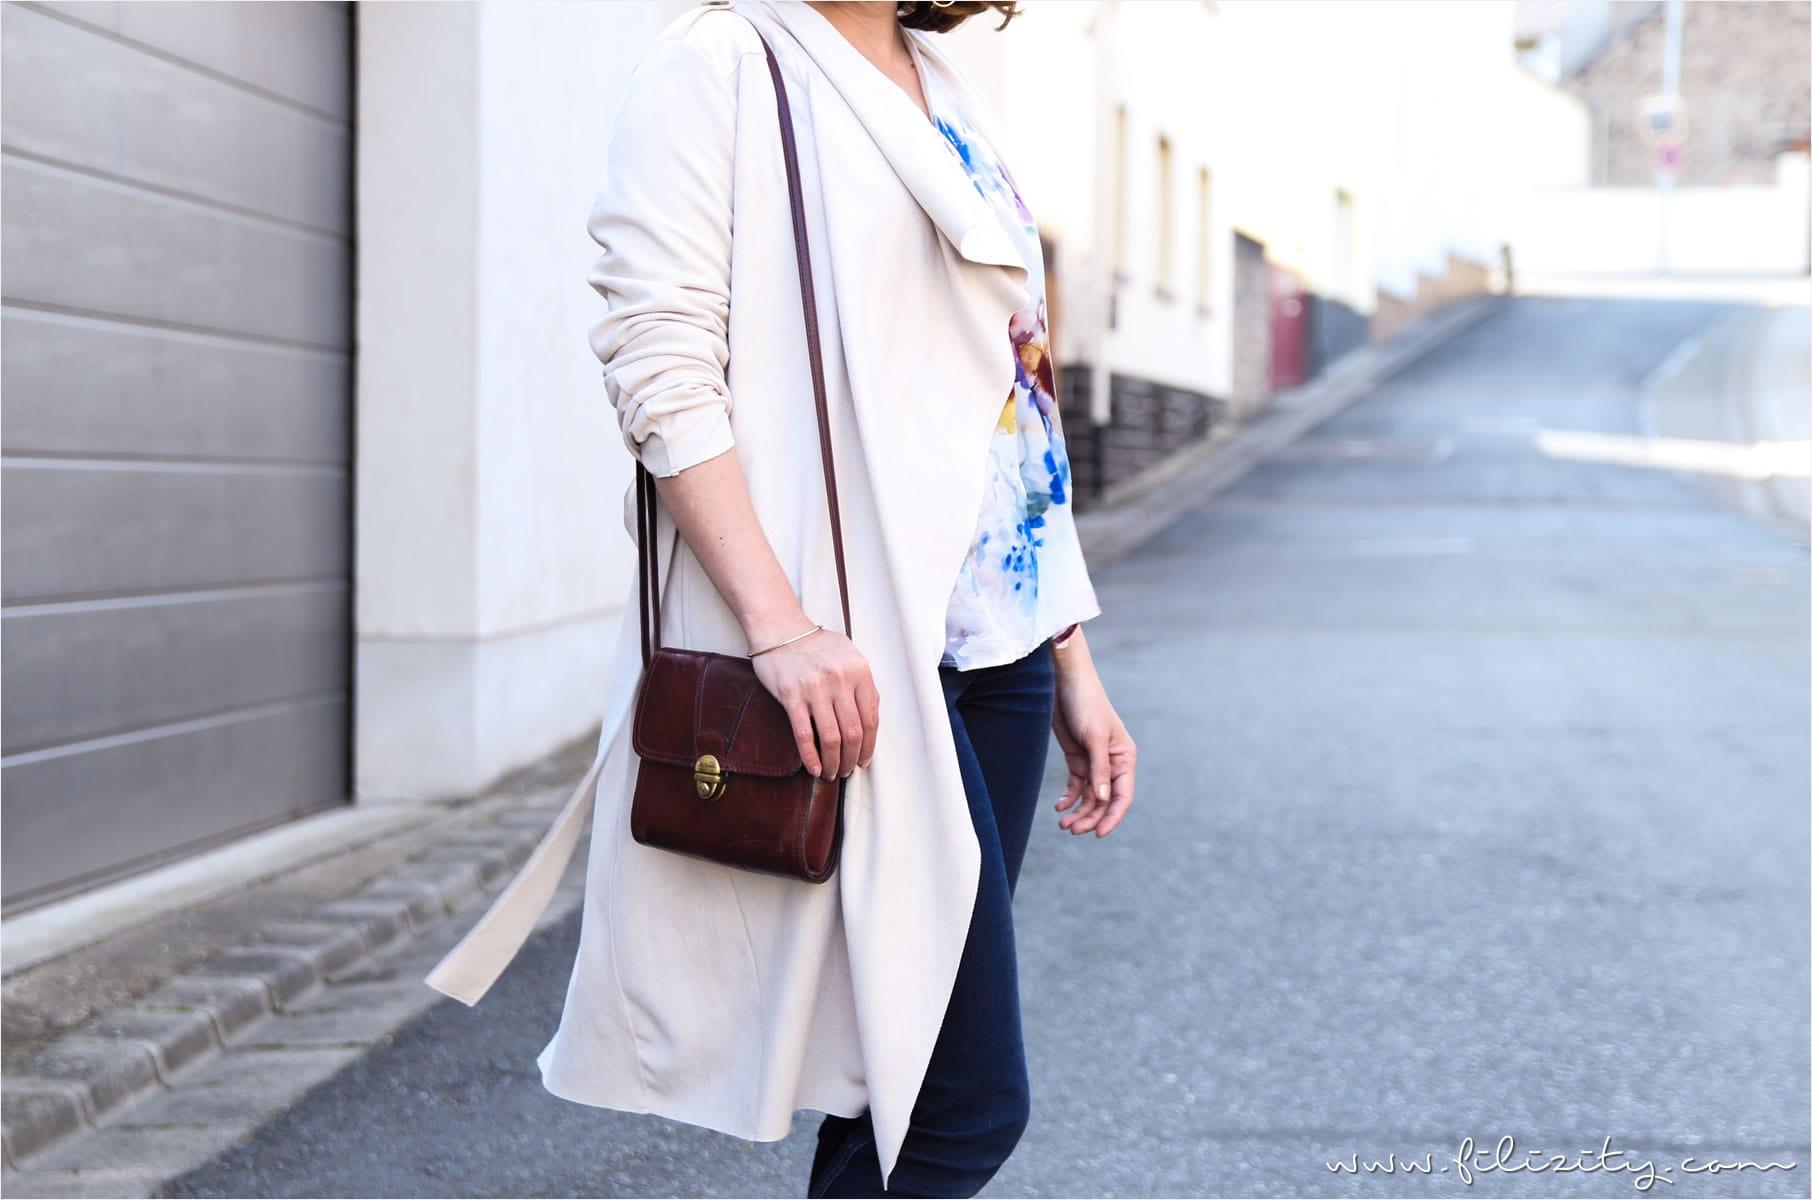 Trenchcoat stylen – So vielseitig lässt sich der Trend-Mantel kombinieren